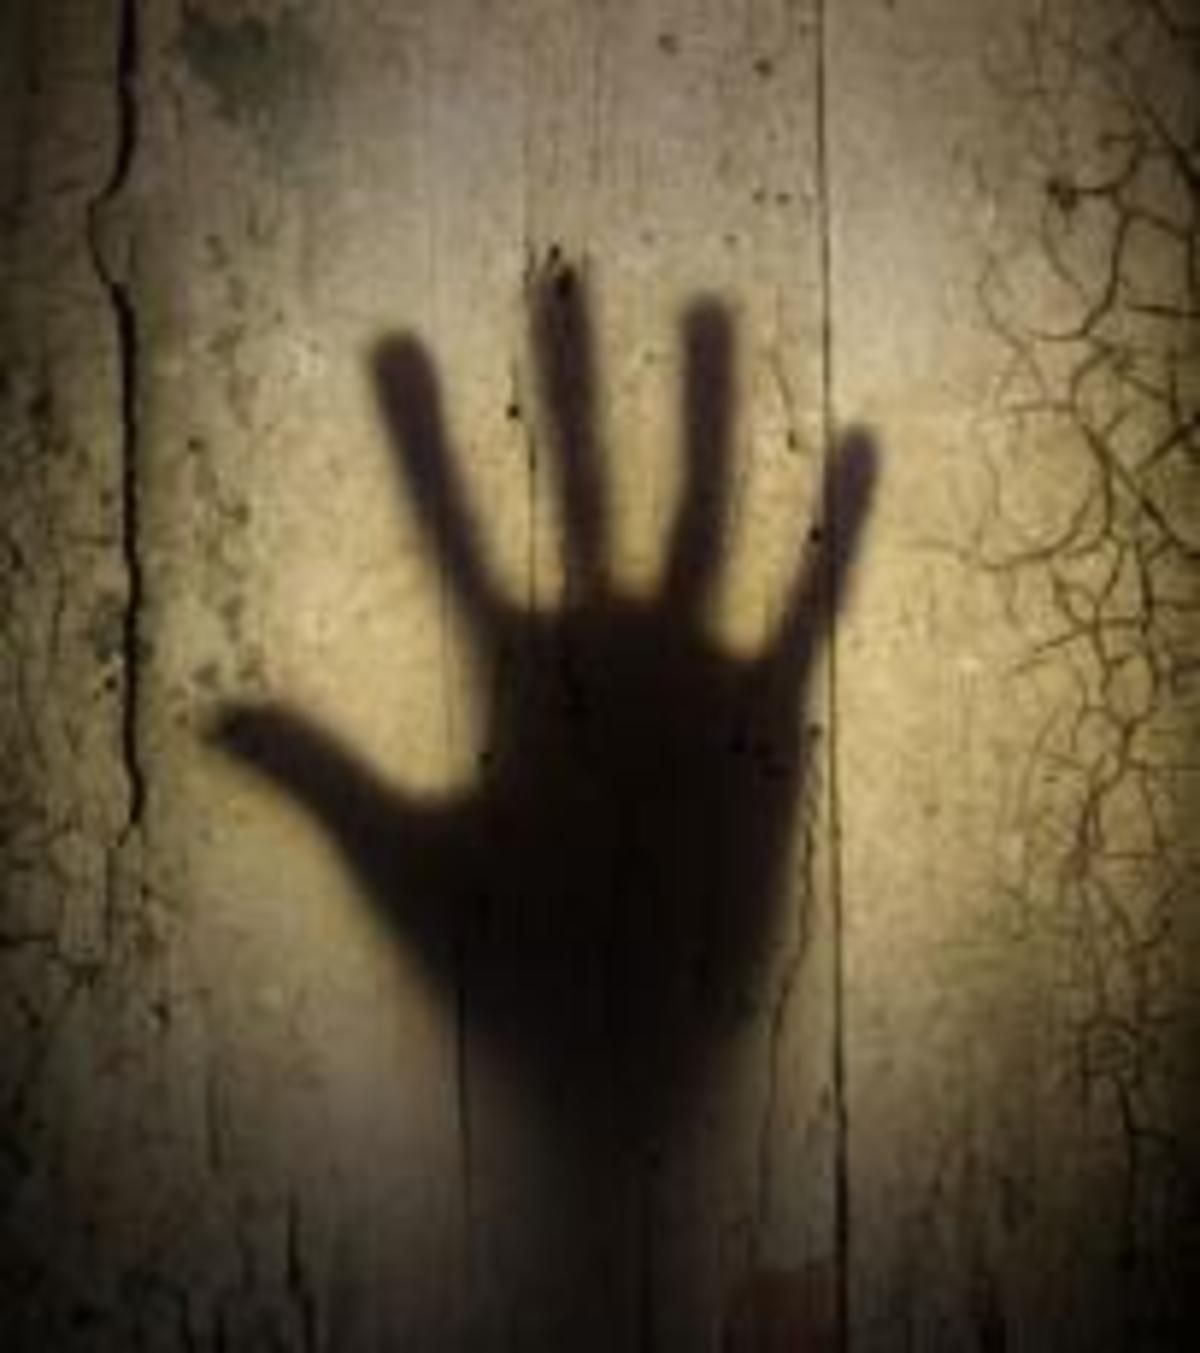 Βίασαν 17χρονο με νοητική στέρηση | Newsit.gr